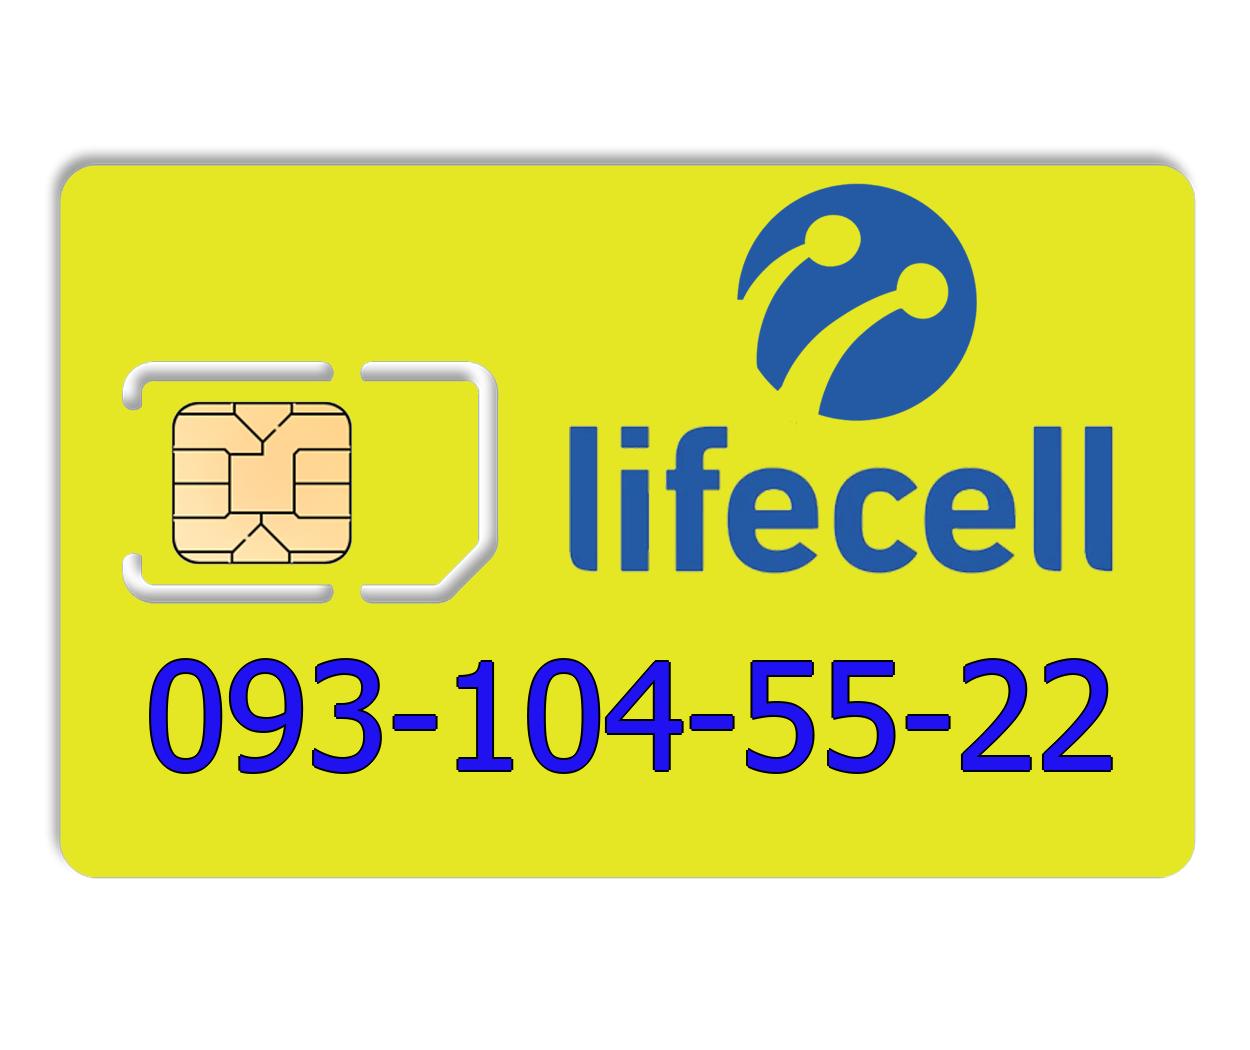 Красивый номер lifecell 093-104-55-22